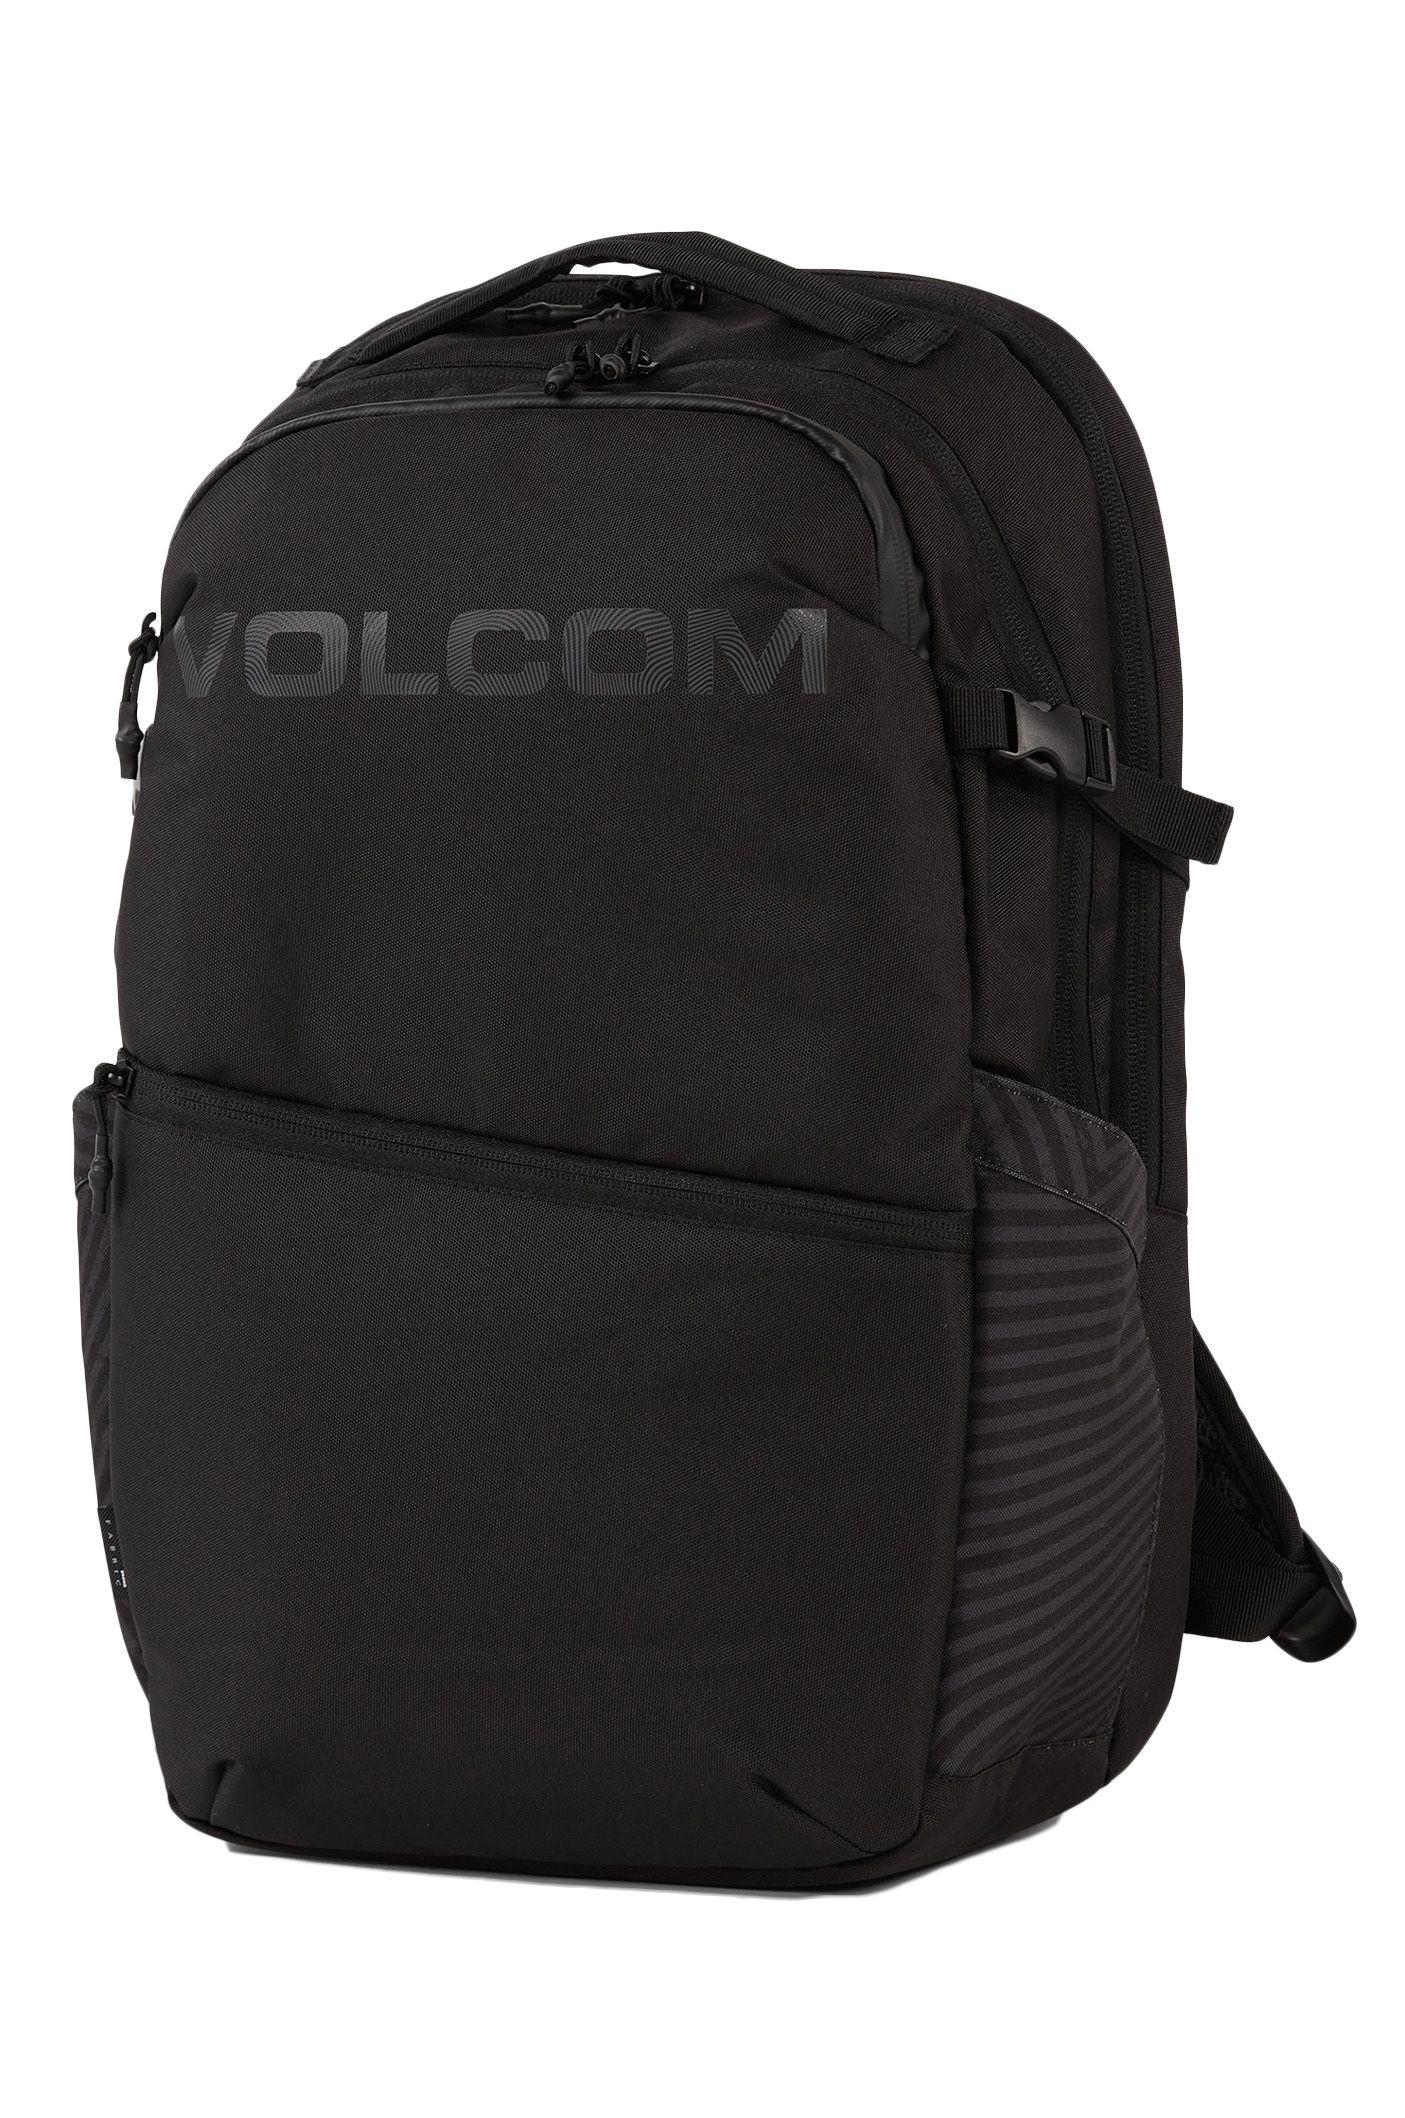 Mochila Volcom VOLCOM ROAMER BACKPACK Black